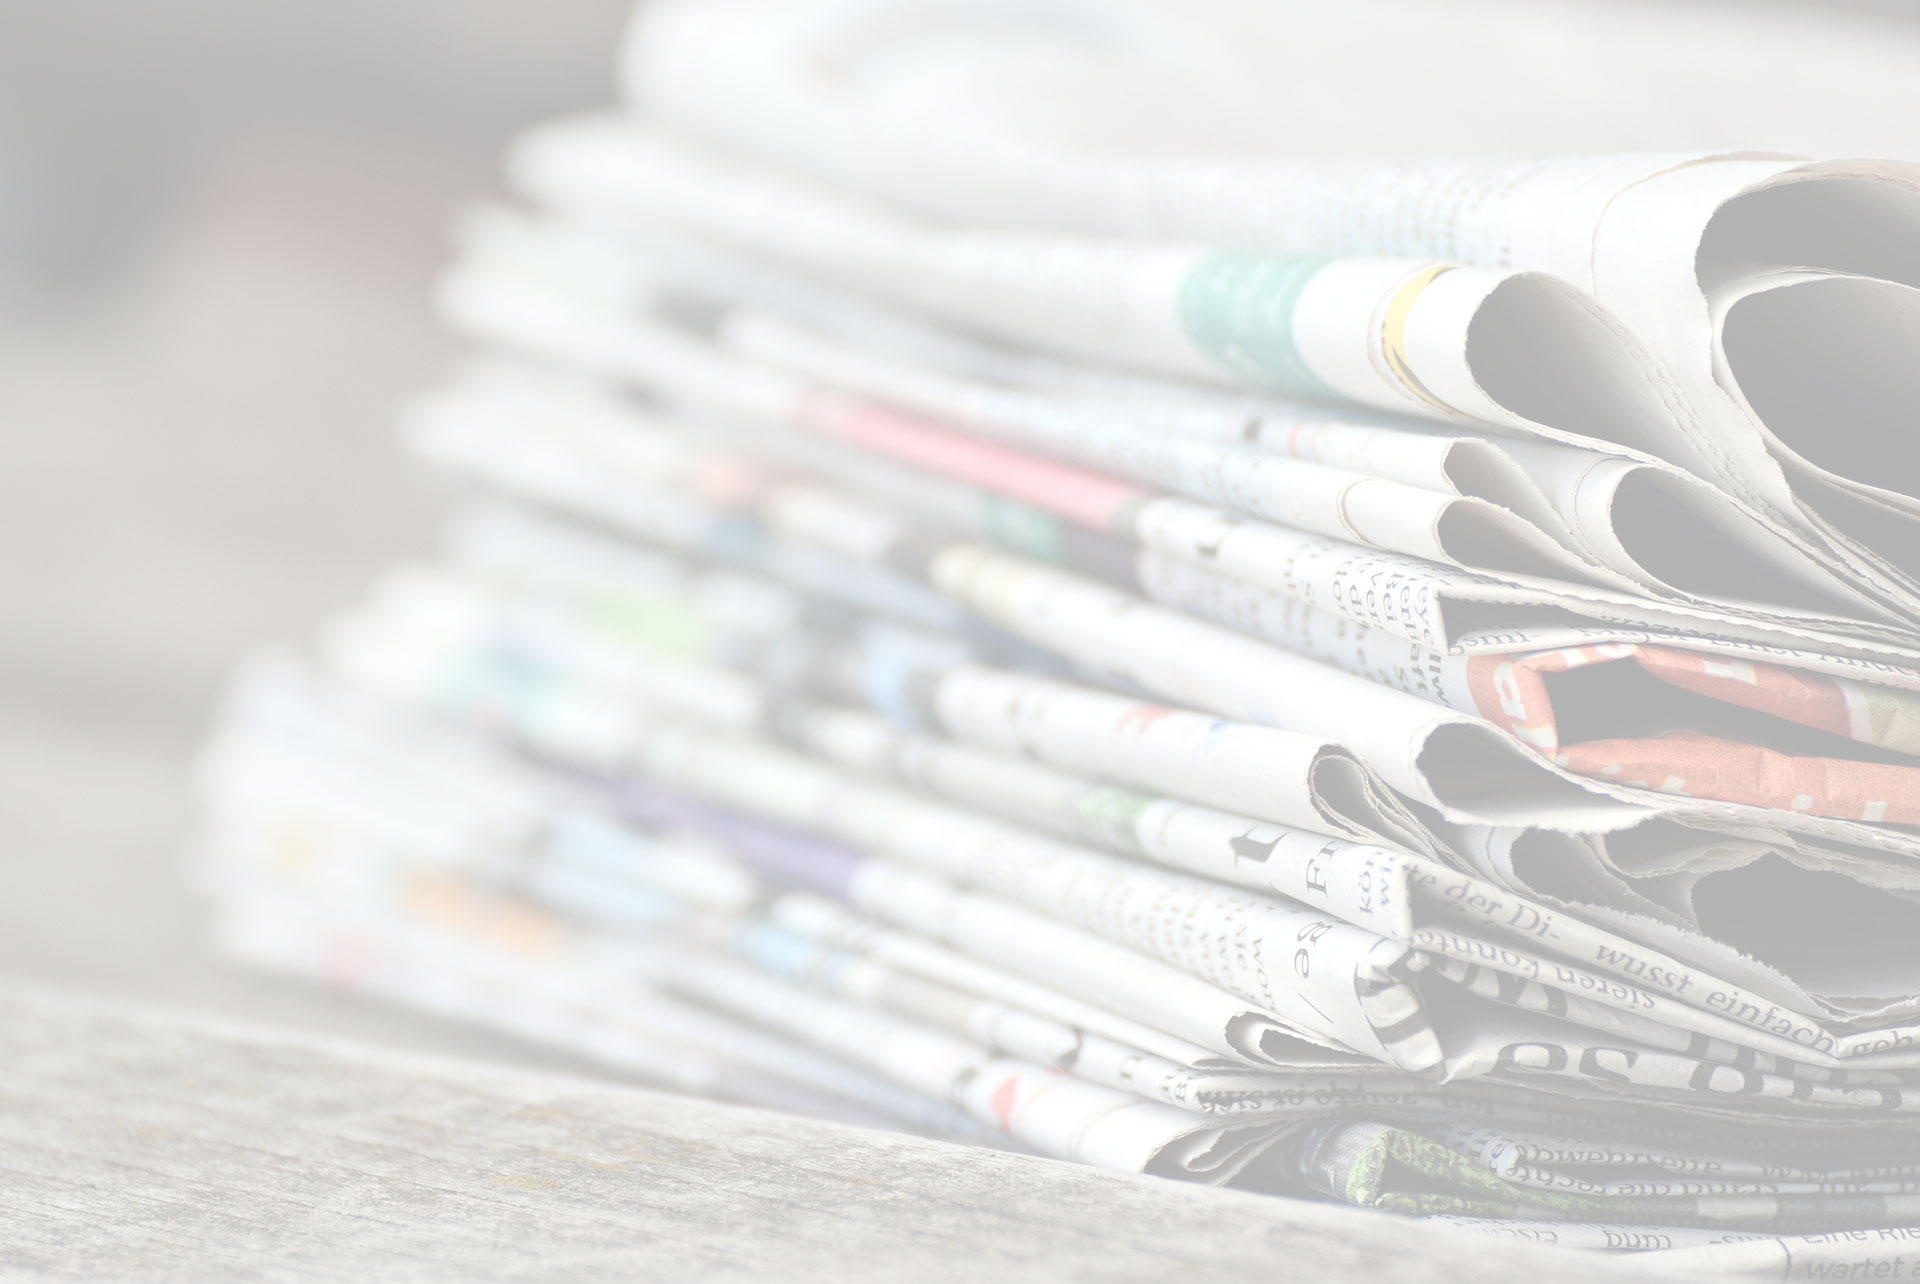 Carnevale a Sciacca, bambino di 4 anni cade dal carro allego